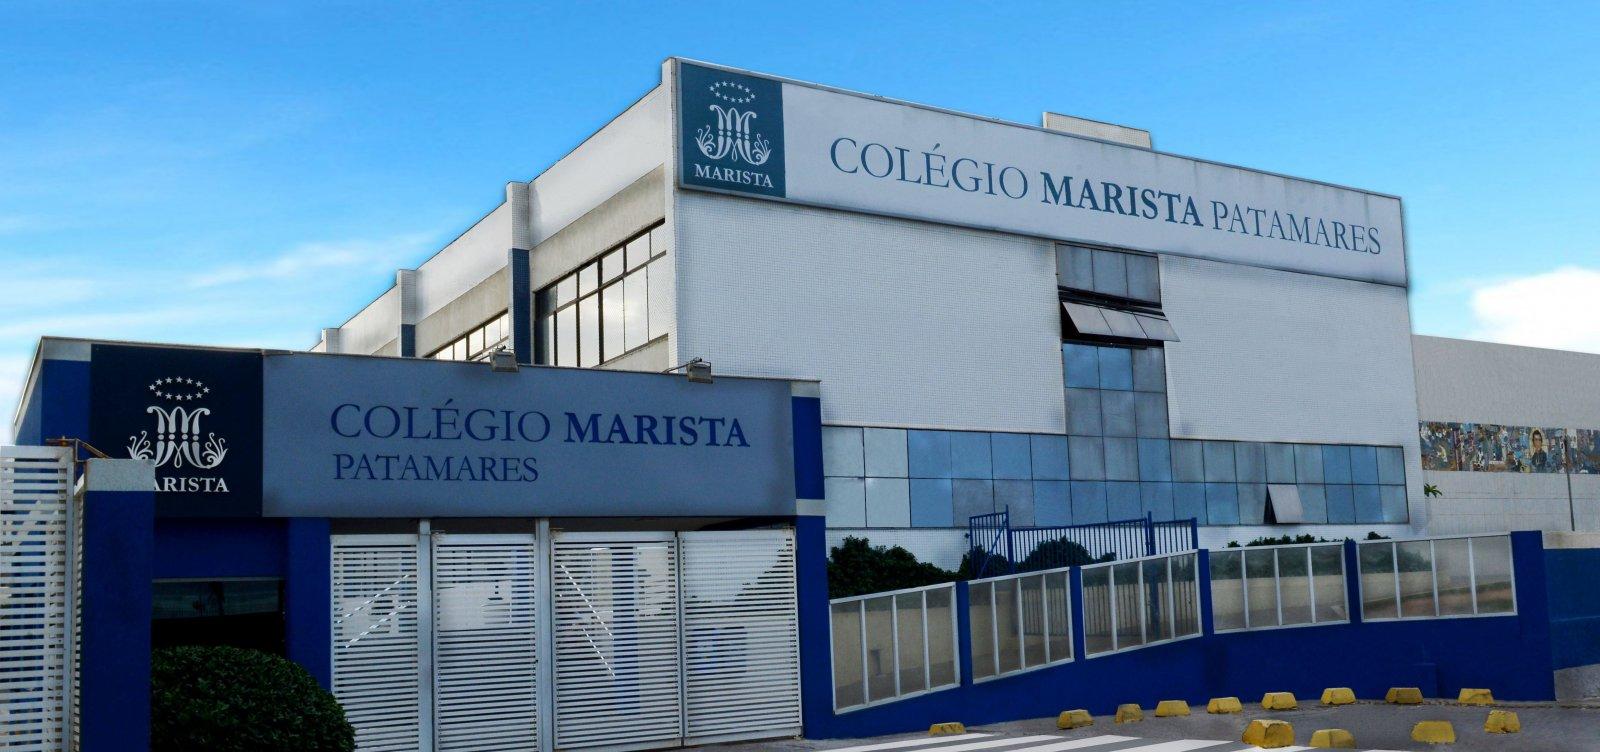 [Estudante do Colégio Marista é suspenso após postar imagem de ataque em Columbine]